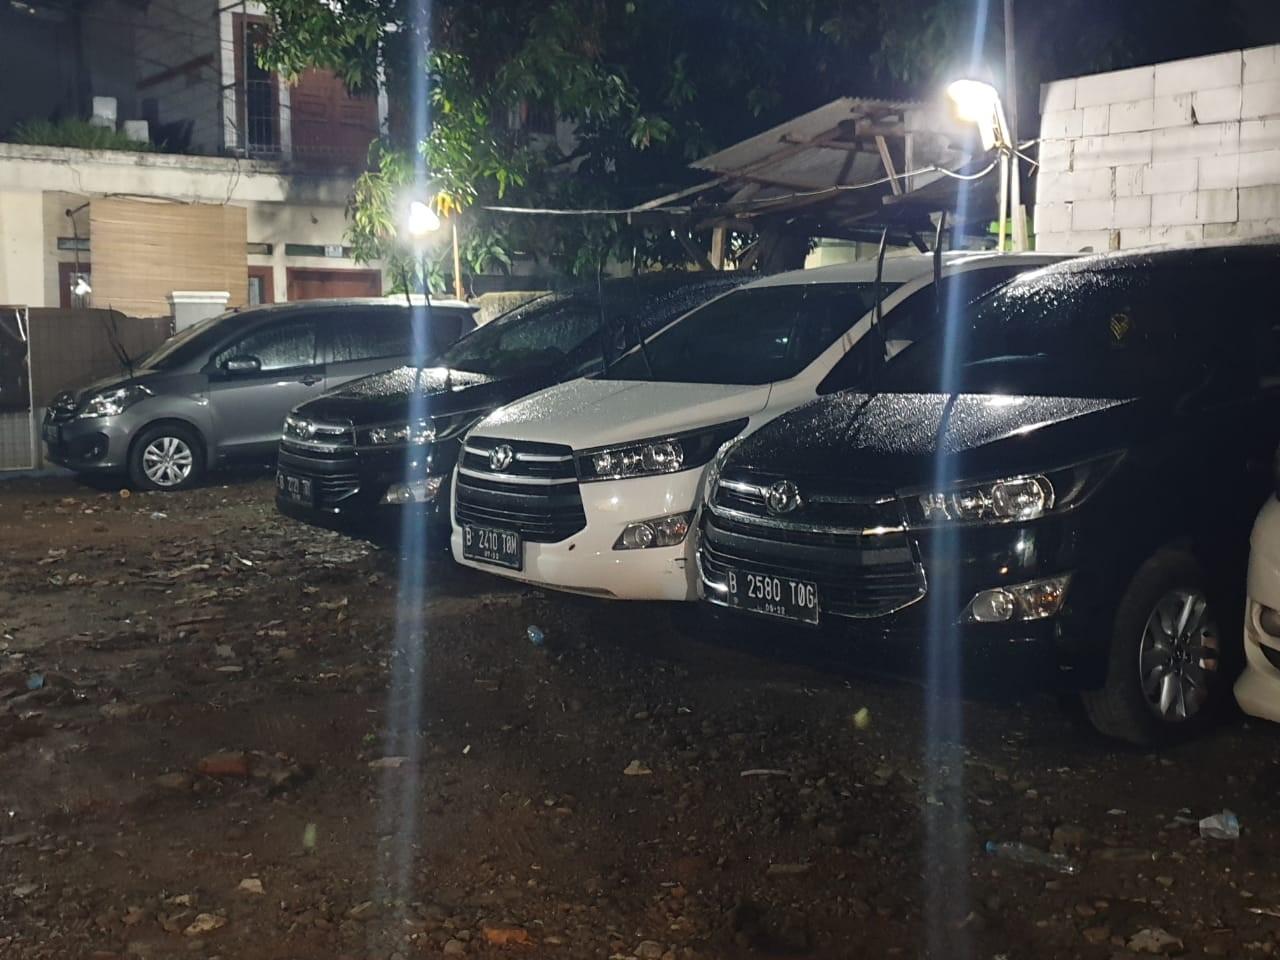 Apakah Ada Rental Mobil Lepas Kunci Di Jakarta Dengan Harga Murah ? 081285092594